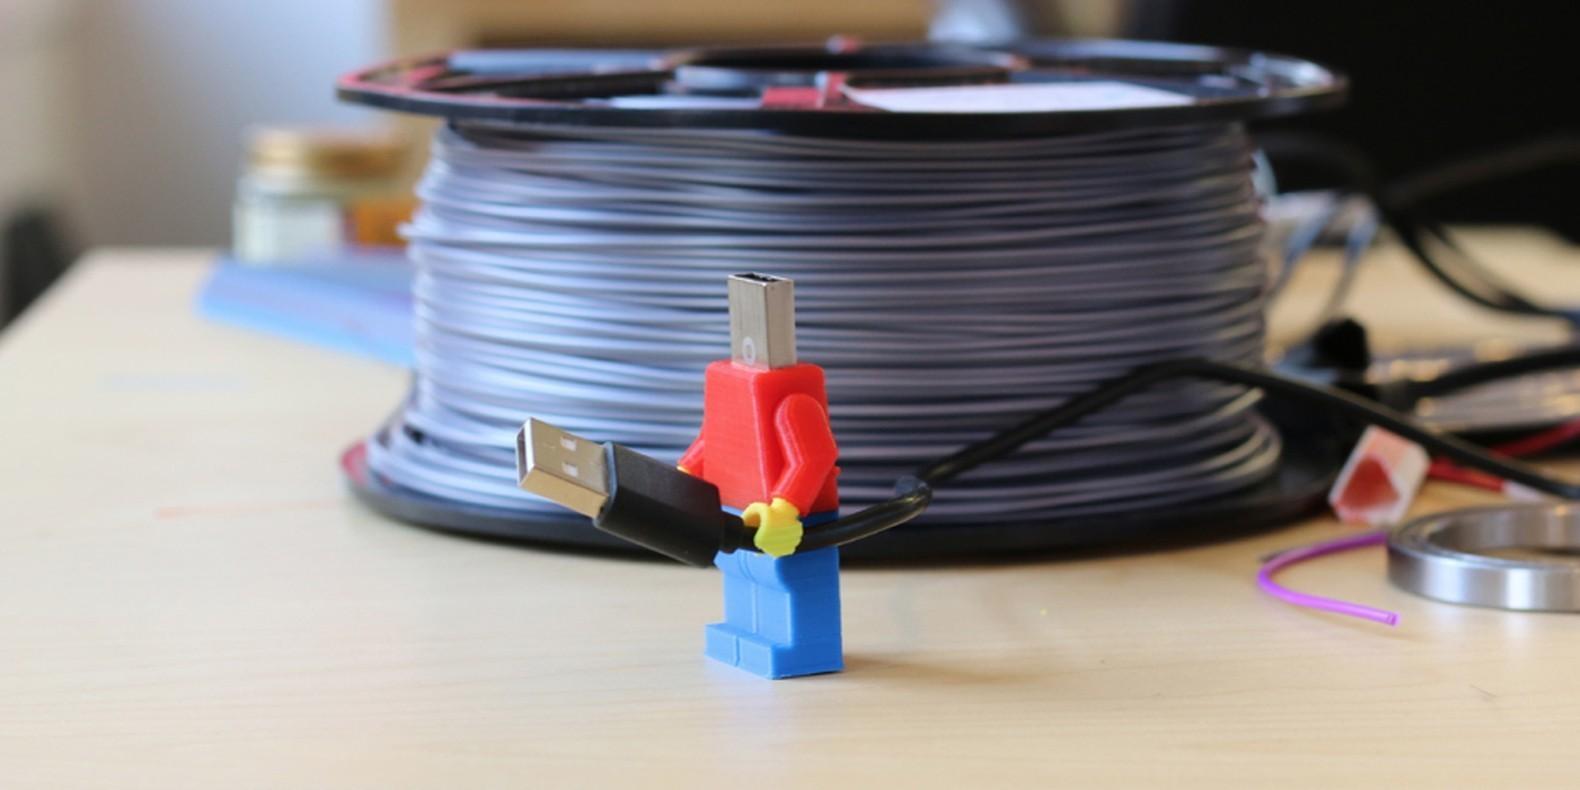 Retrouvez ici une sélection des meilleurs modèles 3D de Lego imprimables en 3D